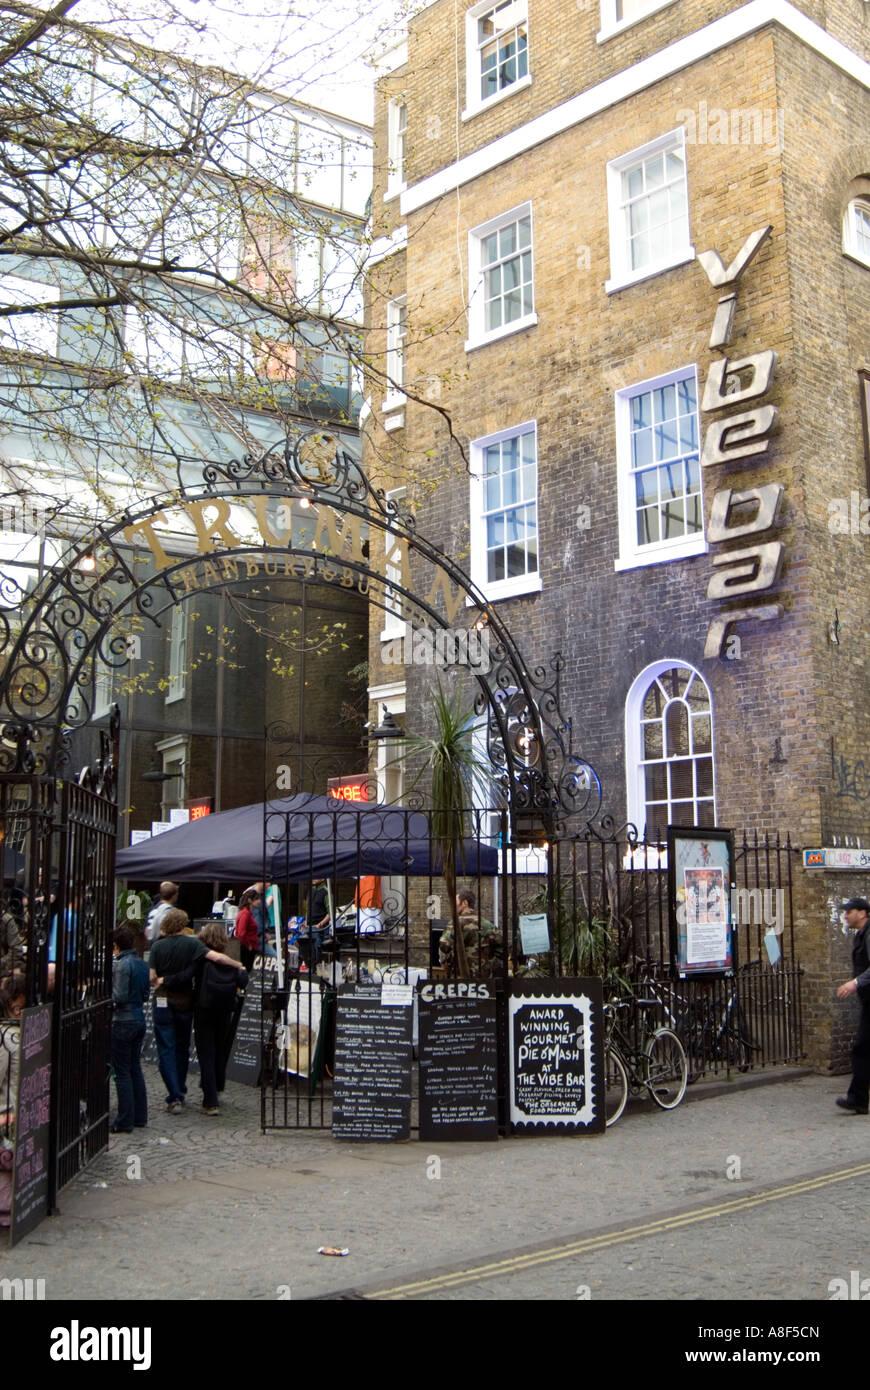 Vibe Bar, Brick Lane, Tower Hamlets, London, England, UK - Stock Image